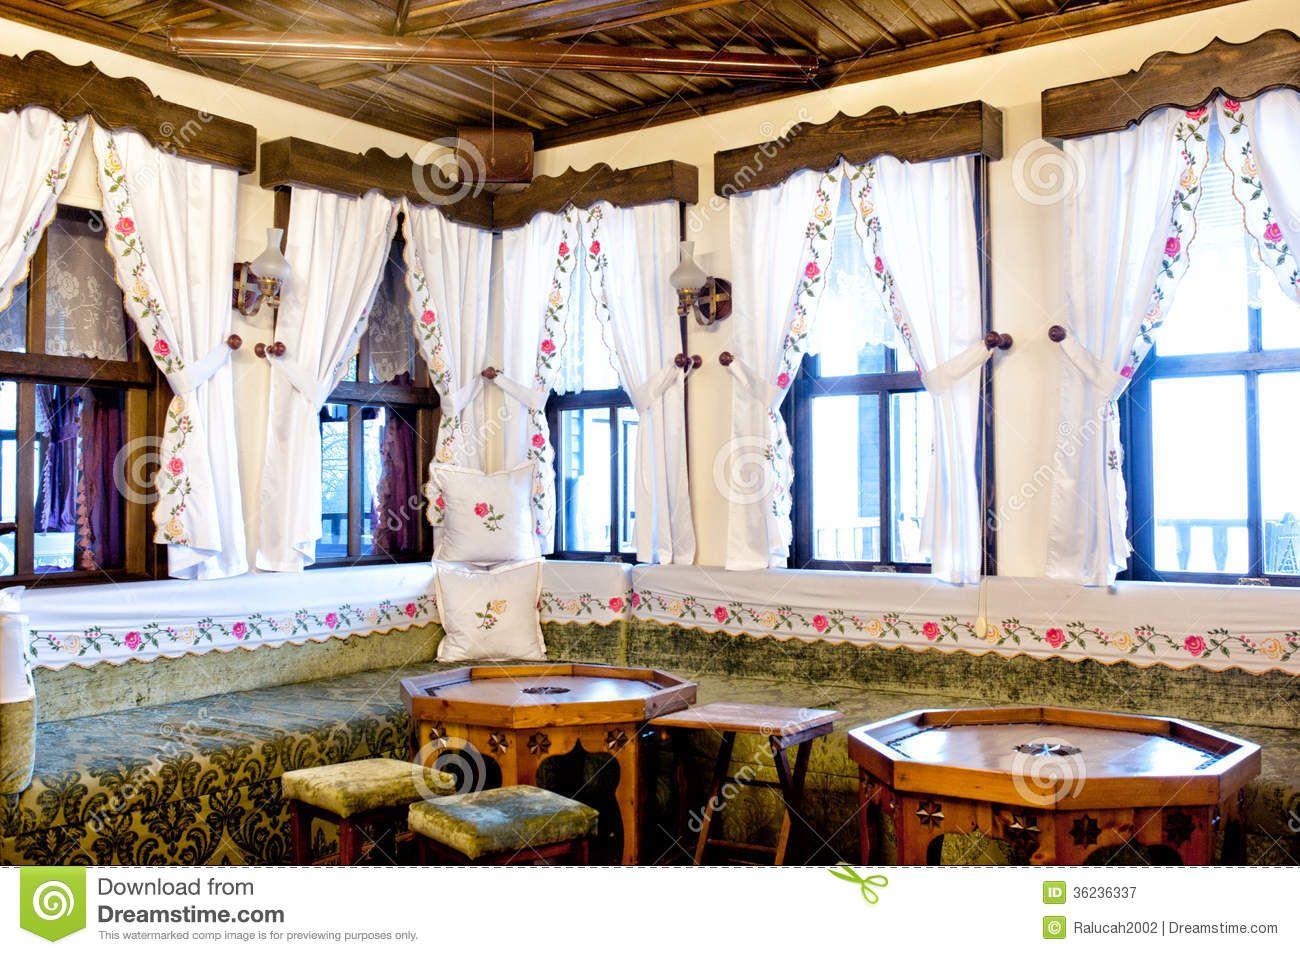 risultati immagini per turkish traditional interior turkish risultati immagini per turkish traditional interior